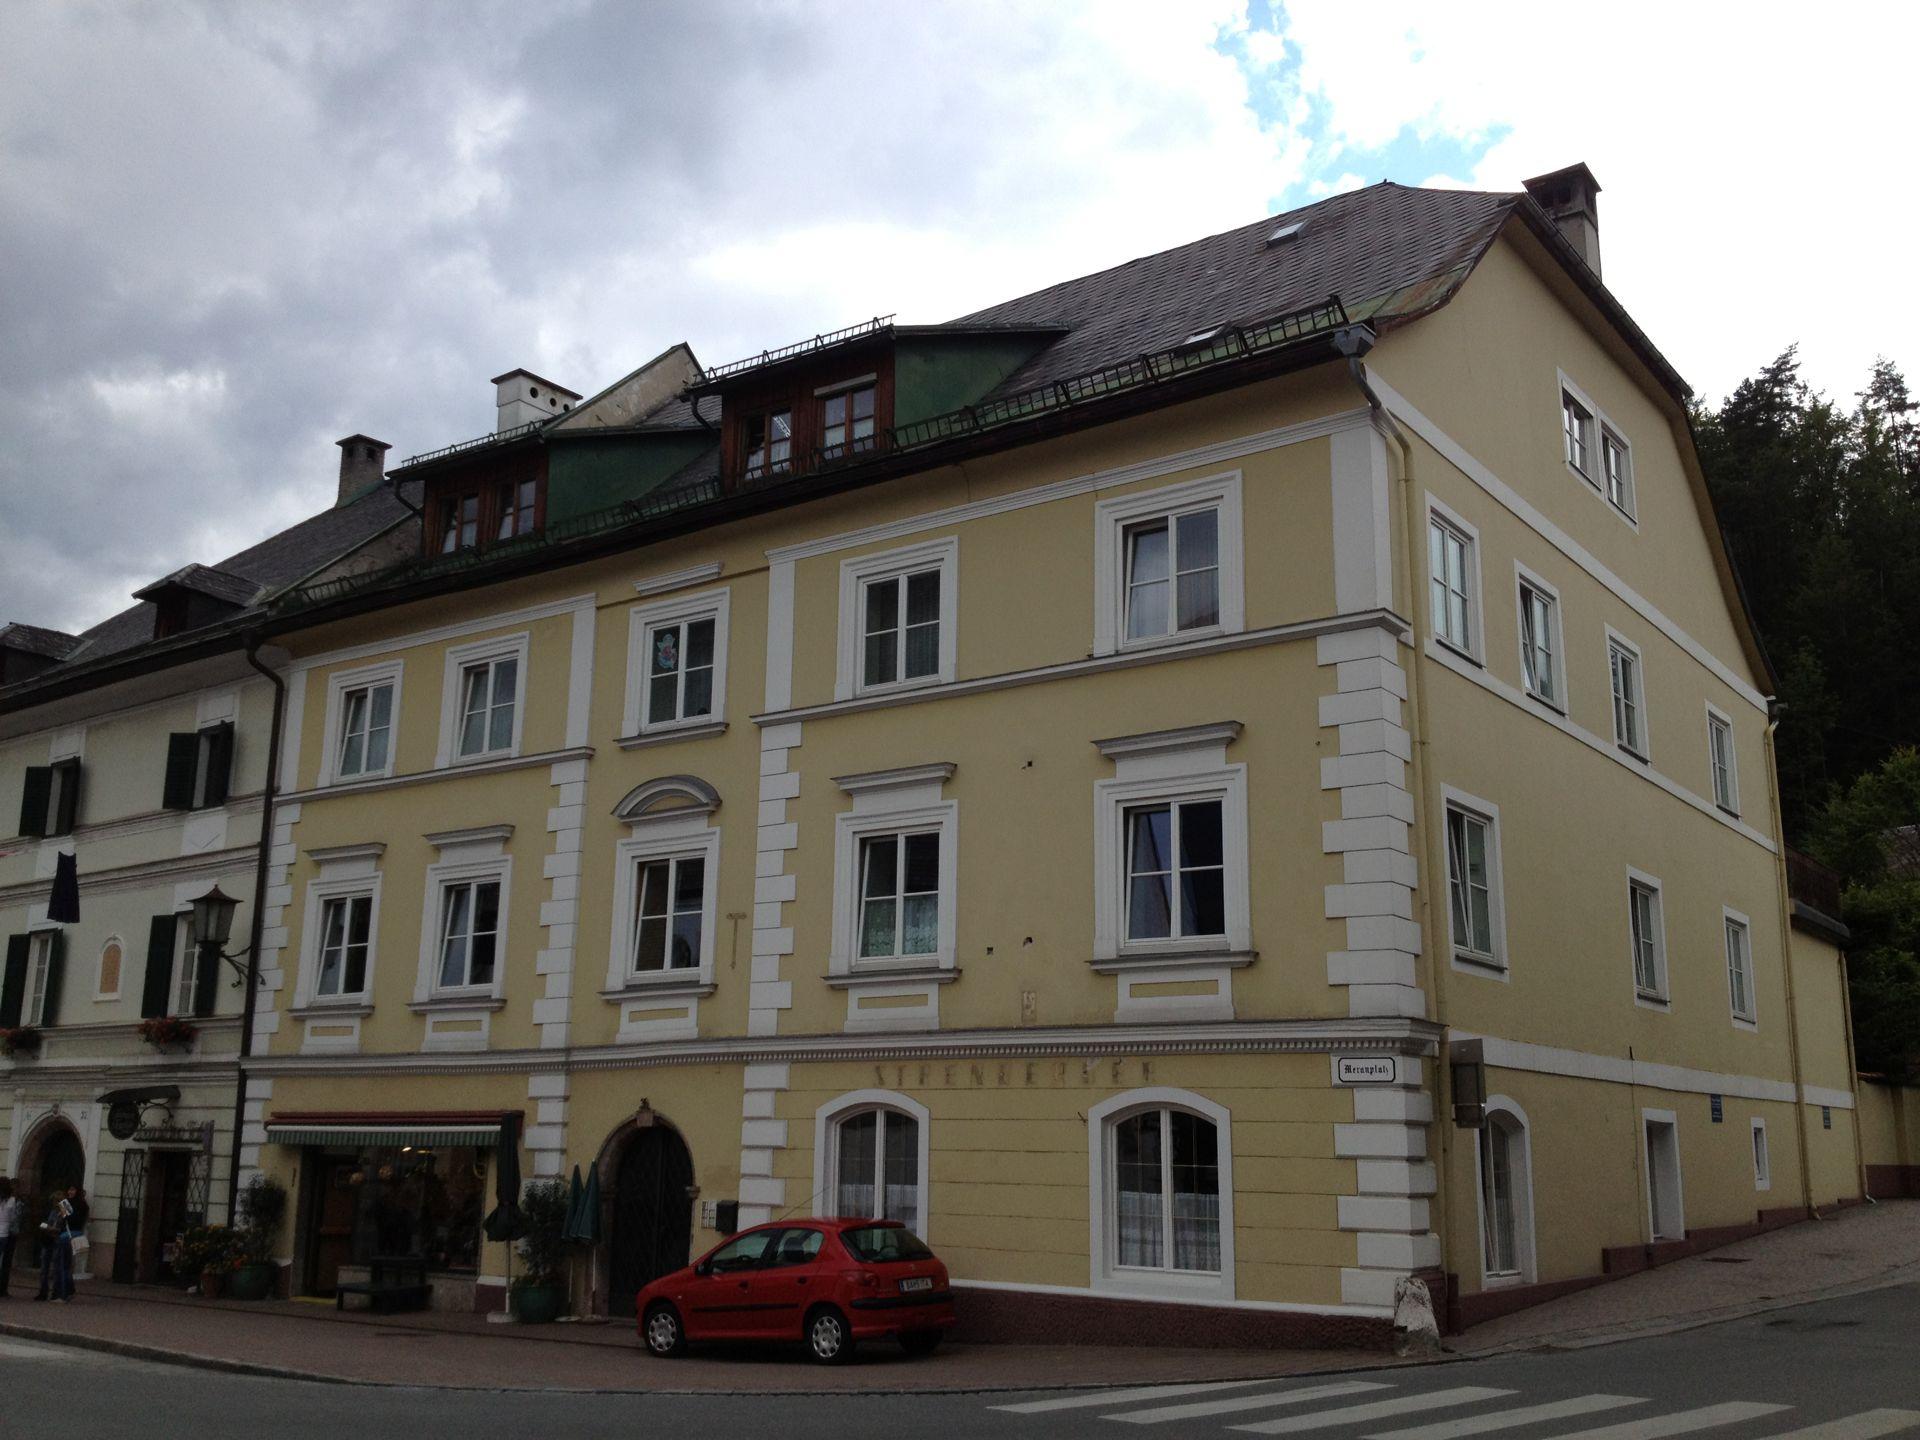 Bed and Breakfast Haus AnnaPlochl, Bad Aussee, Austria